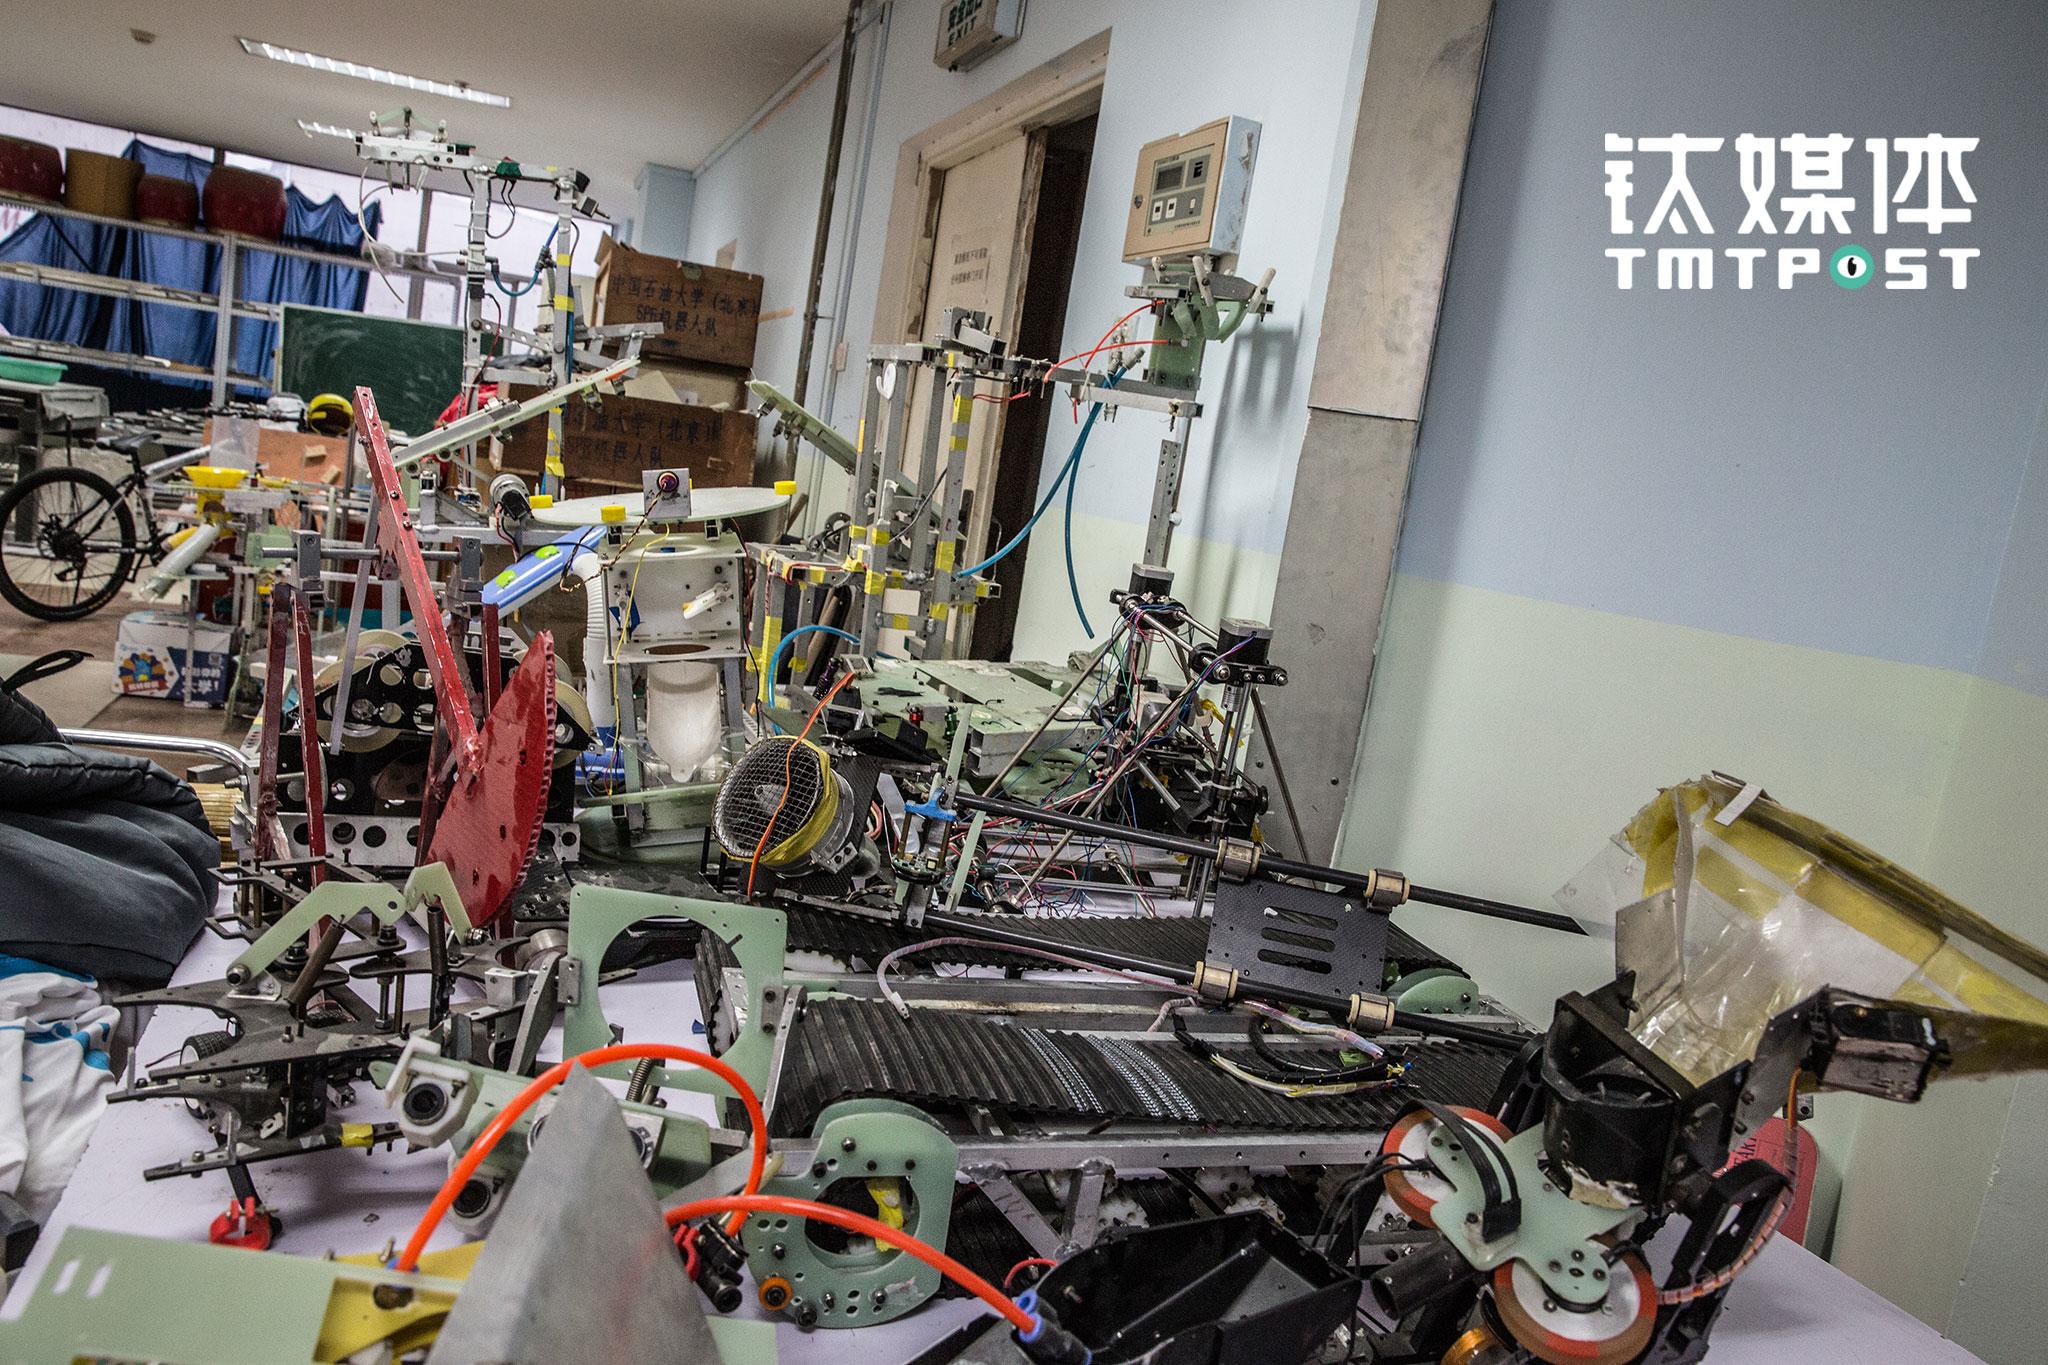 """每一次比赛,针对不同的主题和规则,都需要研发新的机器人和设备,由于经费有限,比赛完成后,这些机器人身上重要的部件会被拆下来重复利用,其他部件则处于""""闲置""""状态。"""